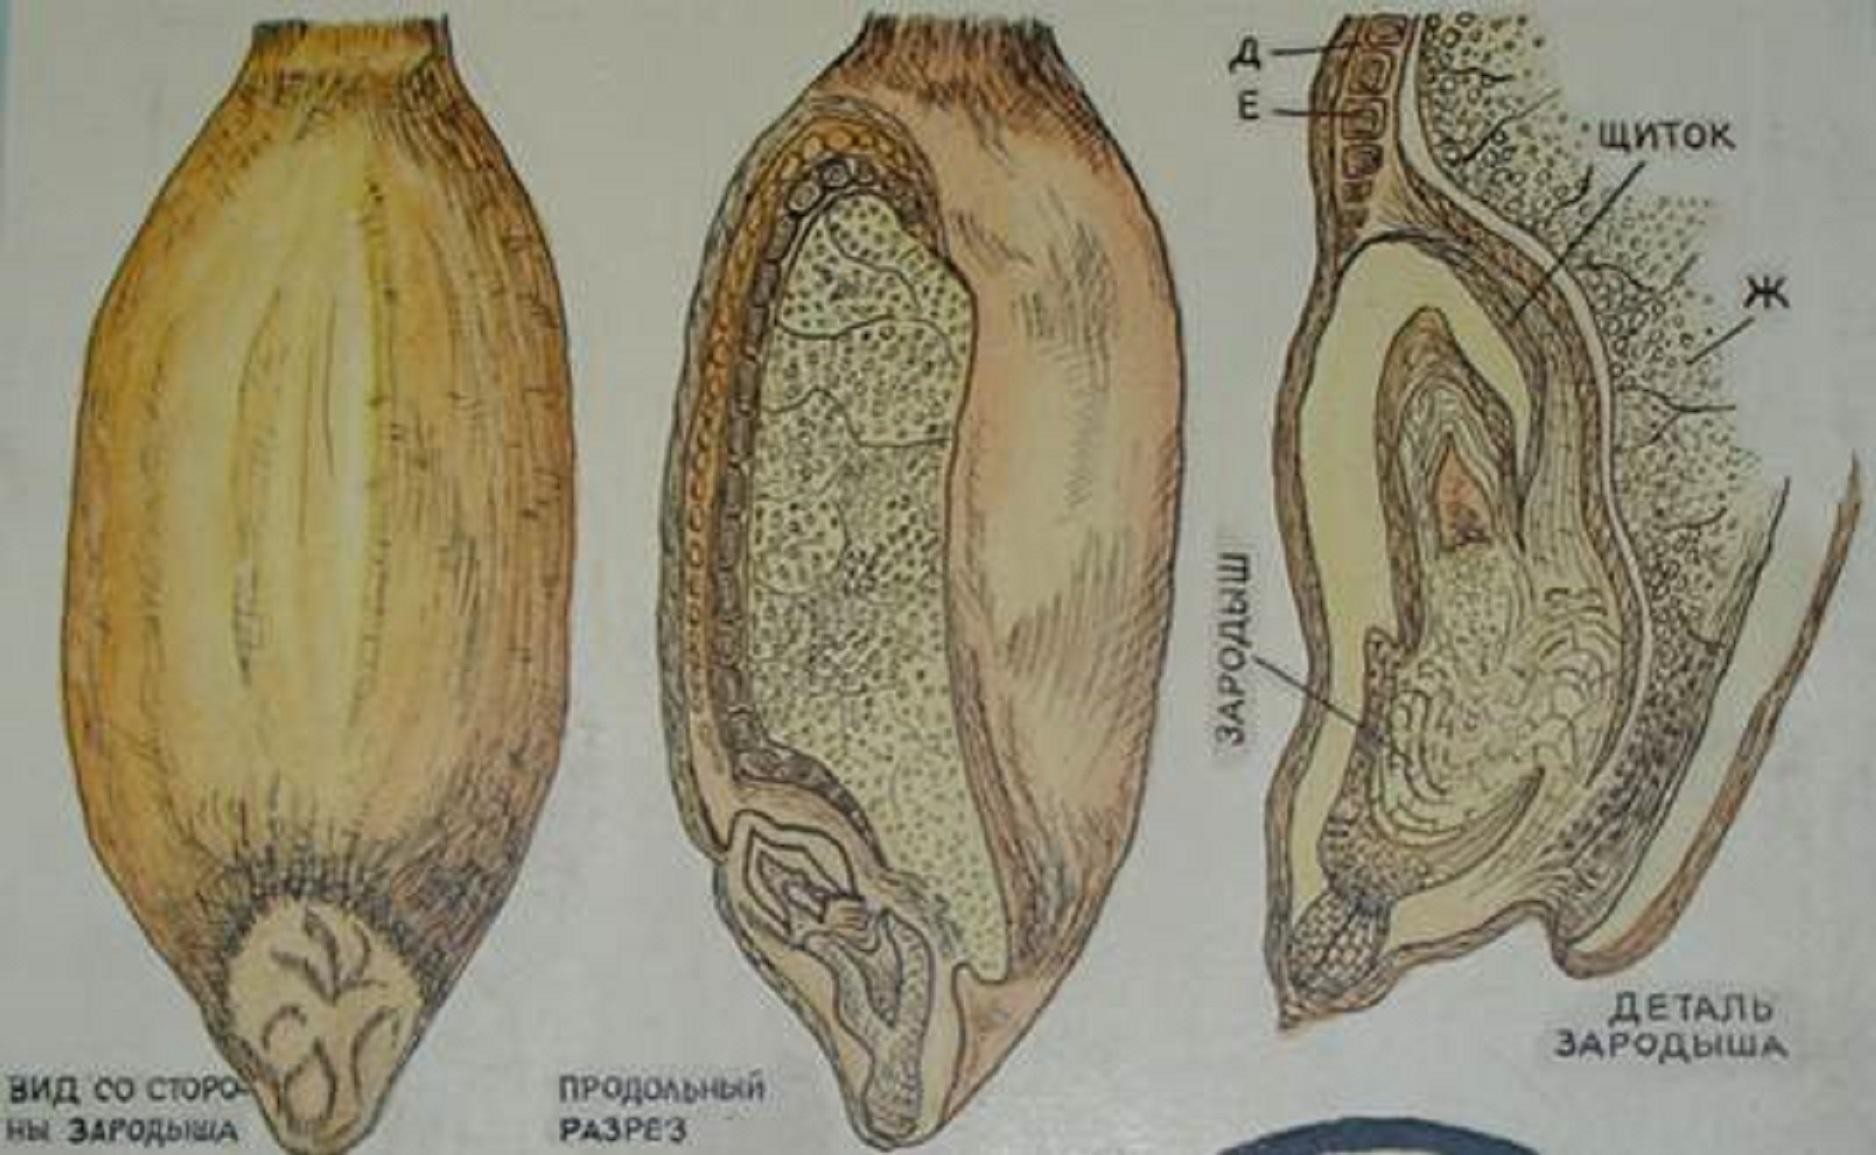 Картинки пшеницы в разрезе